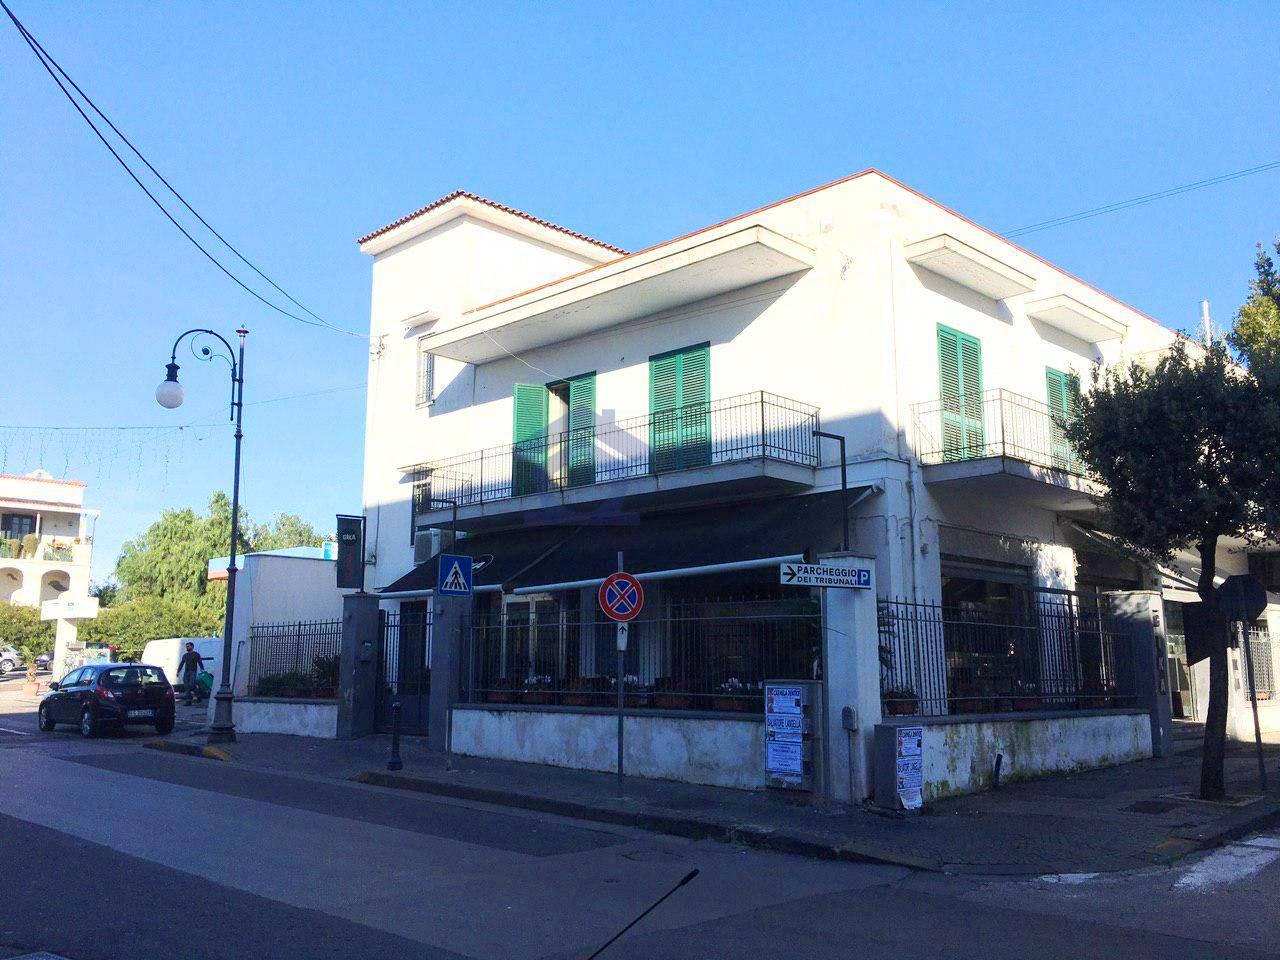 Appartamento in affitto a Torre Annunziata, 4 locali, zona Località: nord, prezzo € 980 | CambioCasa.it